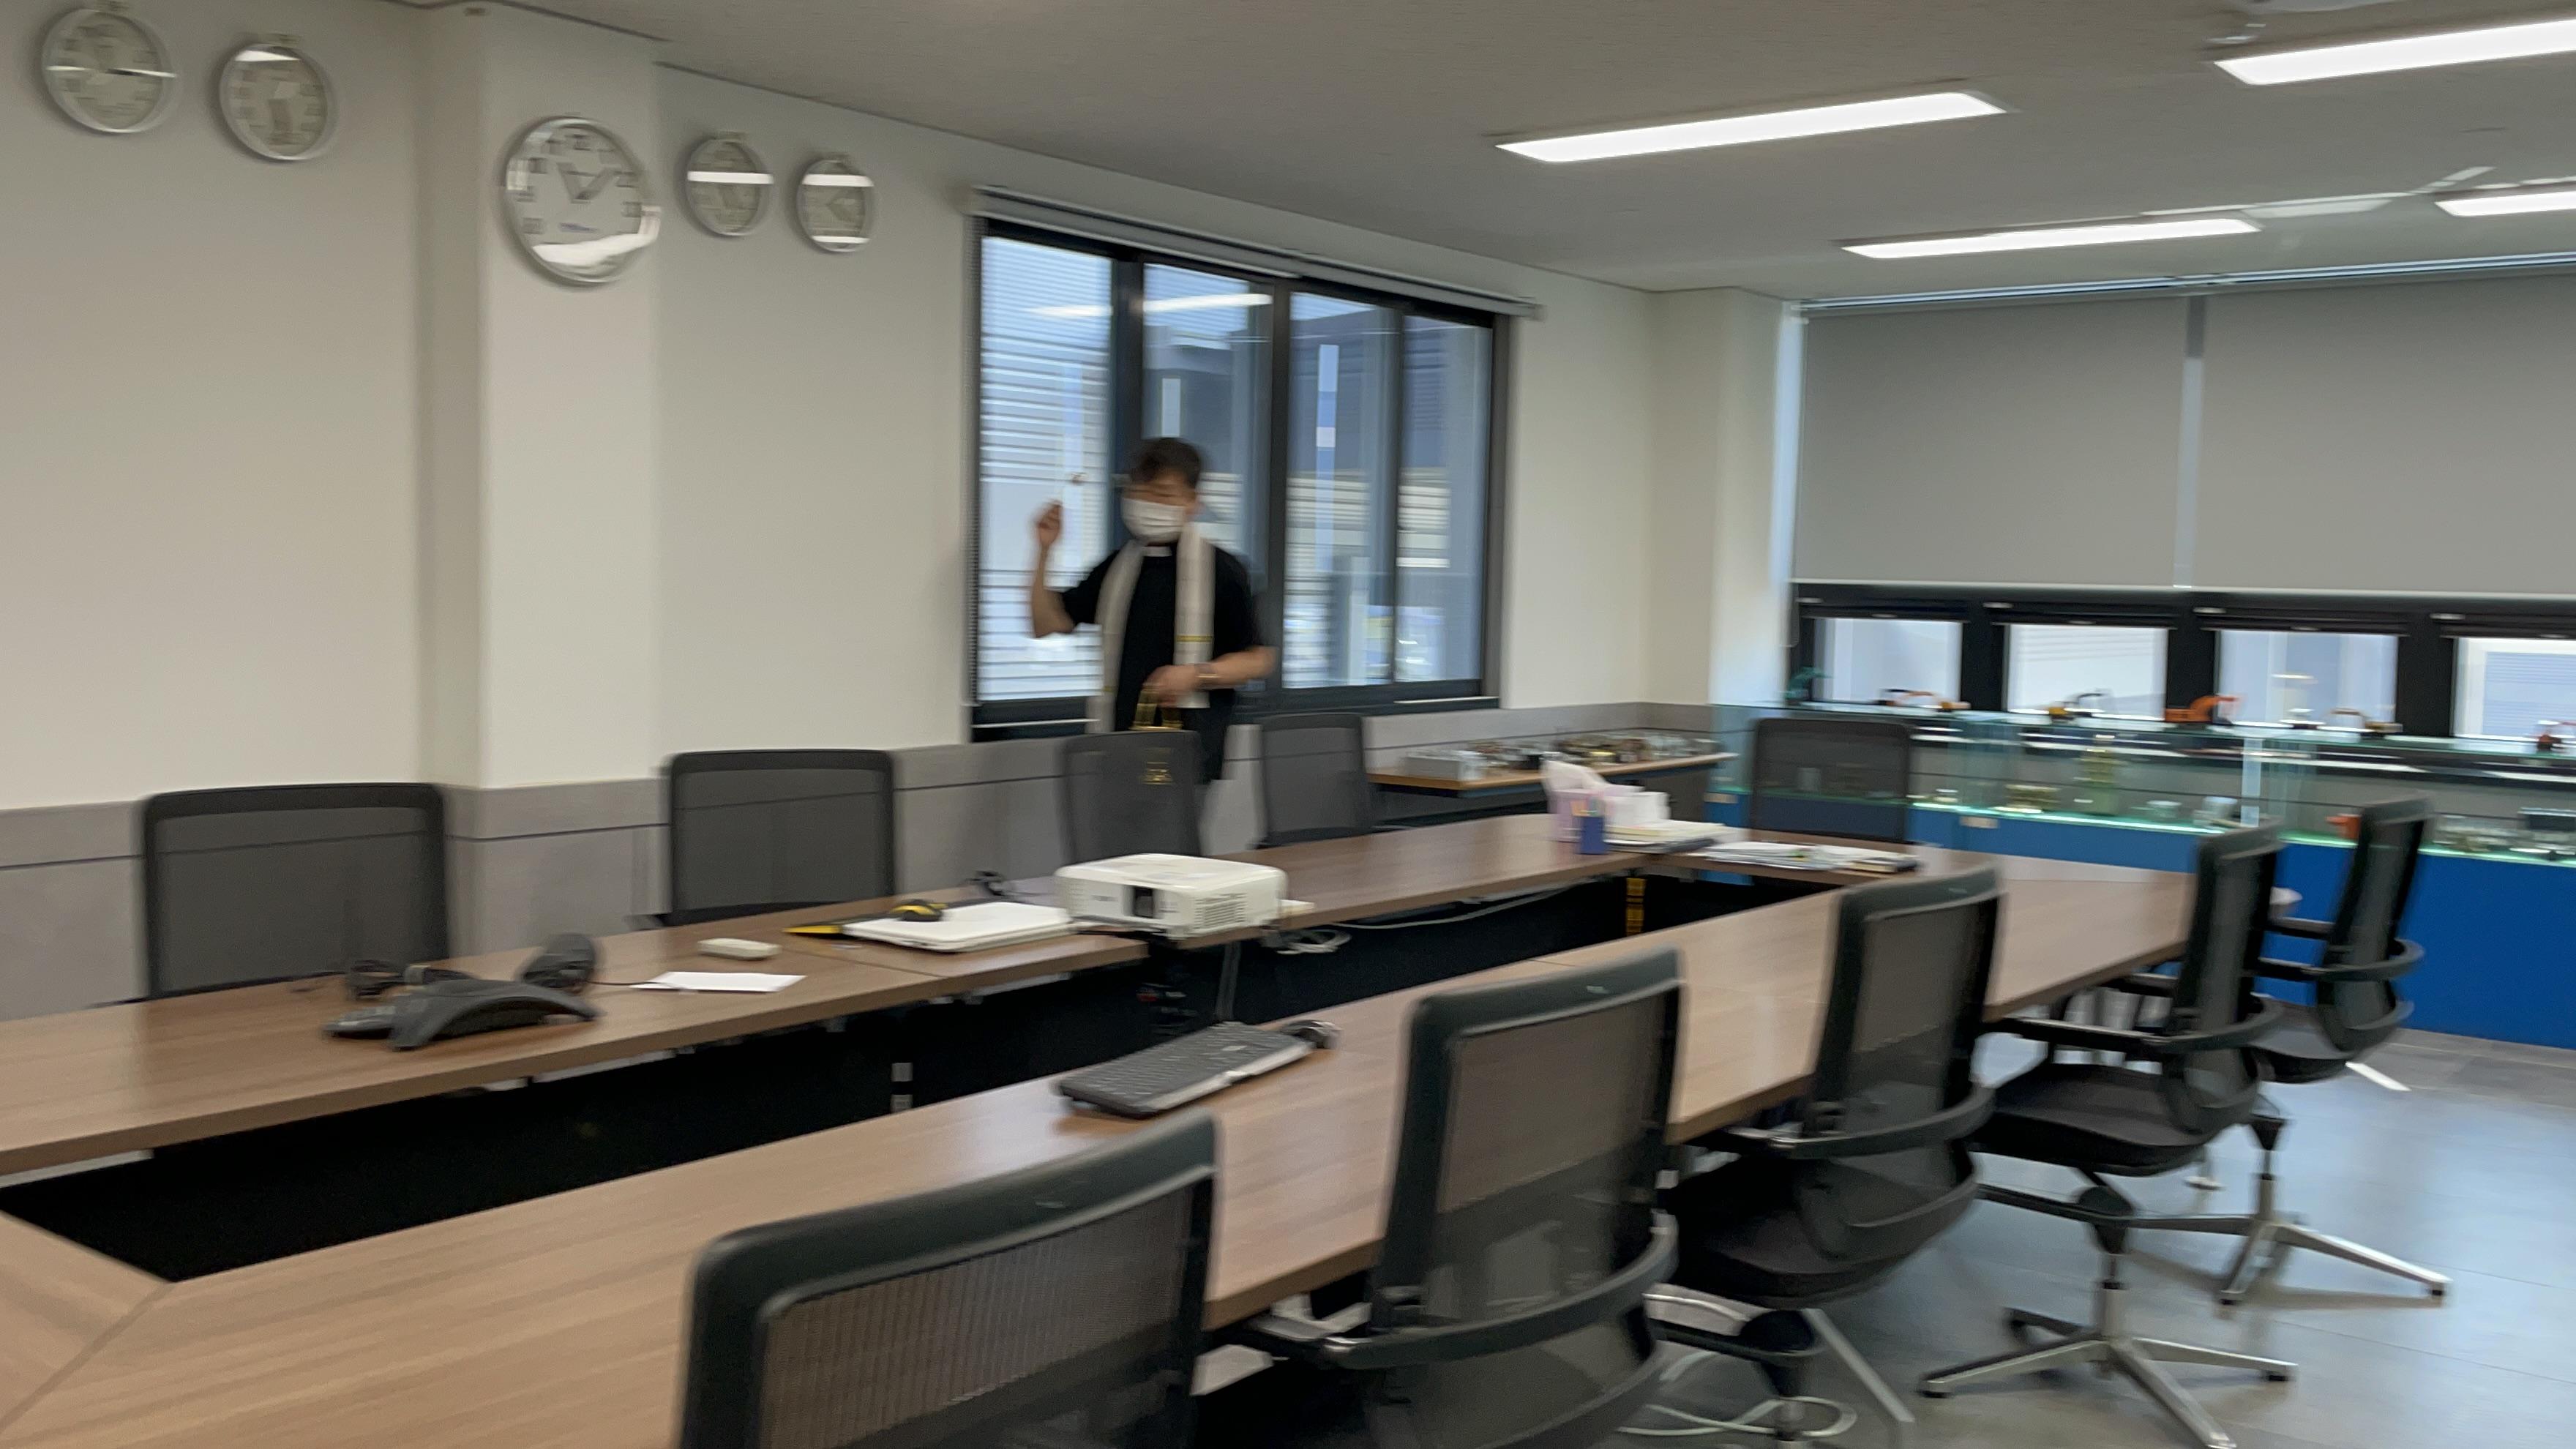 2021-10-01 교우사업장 축복식(대경기업) (10).jpg